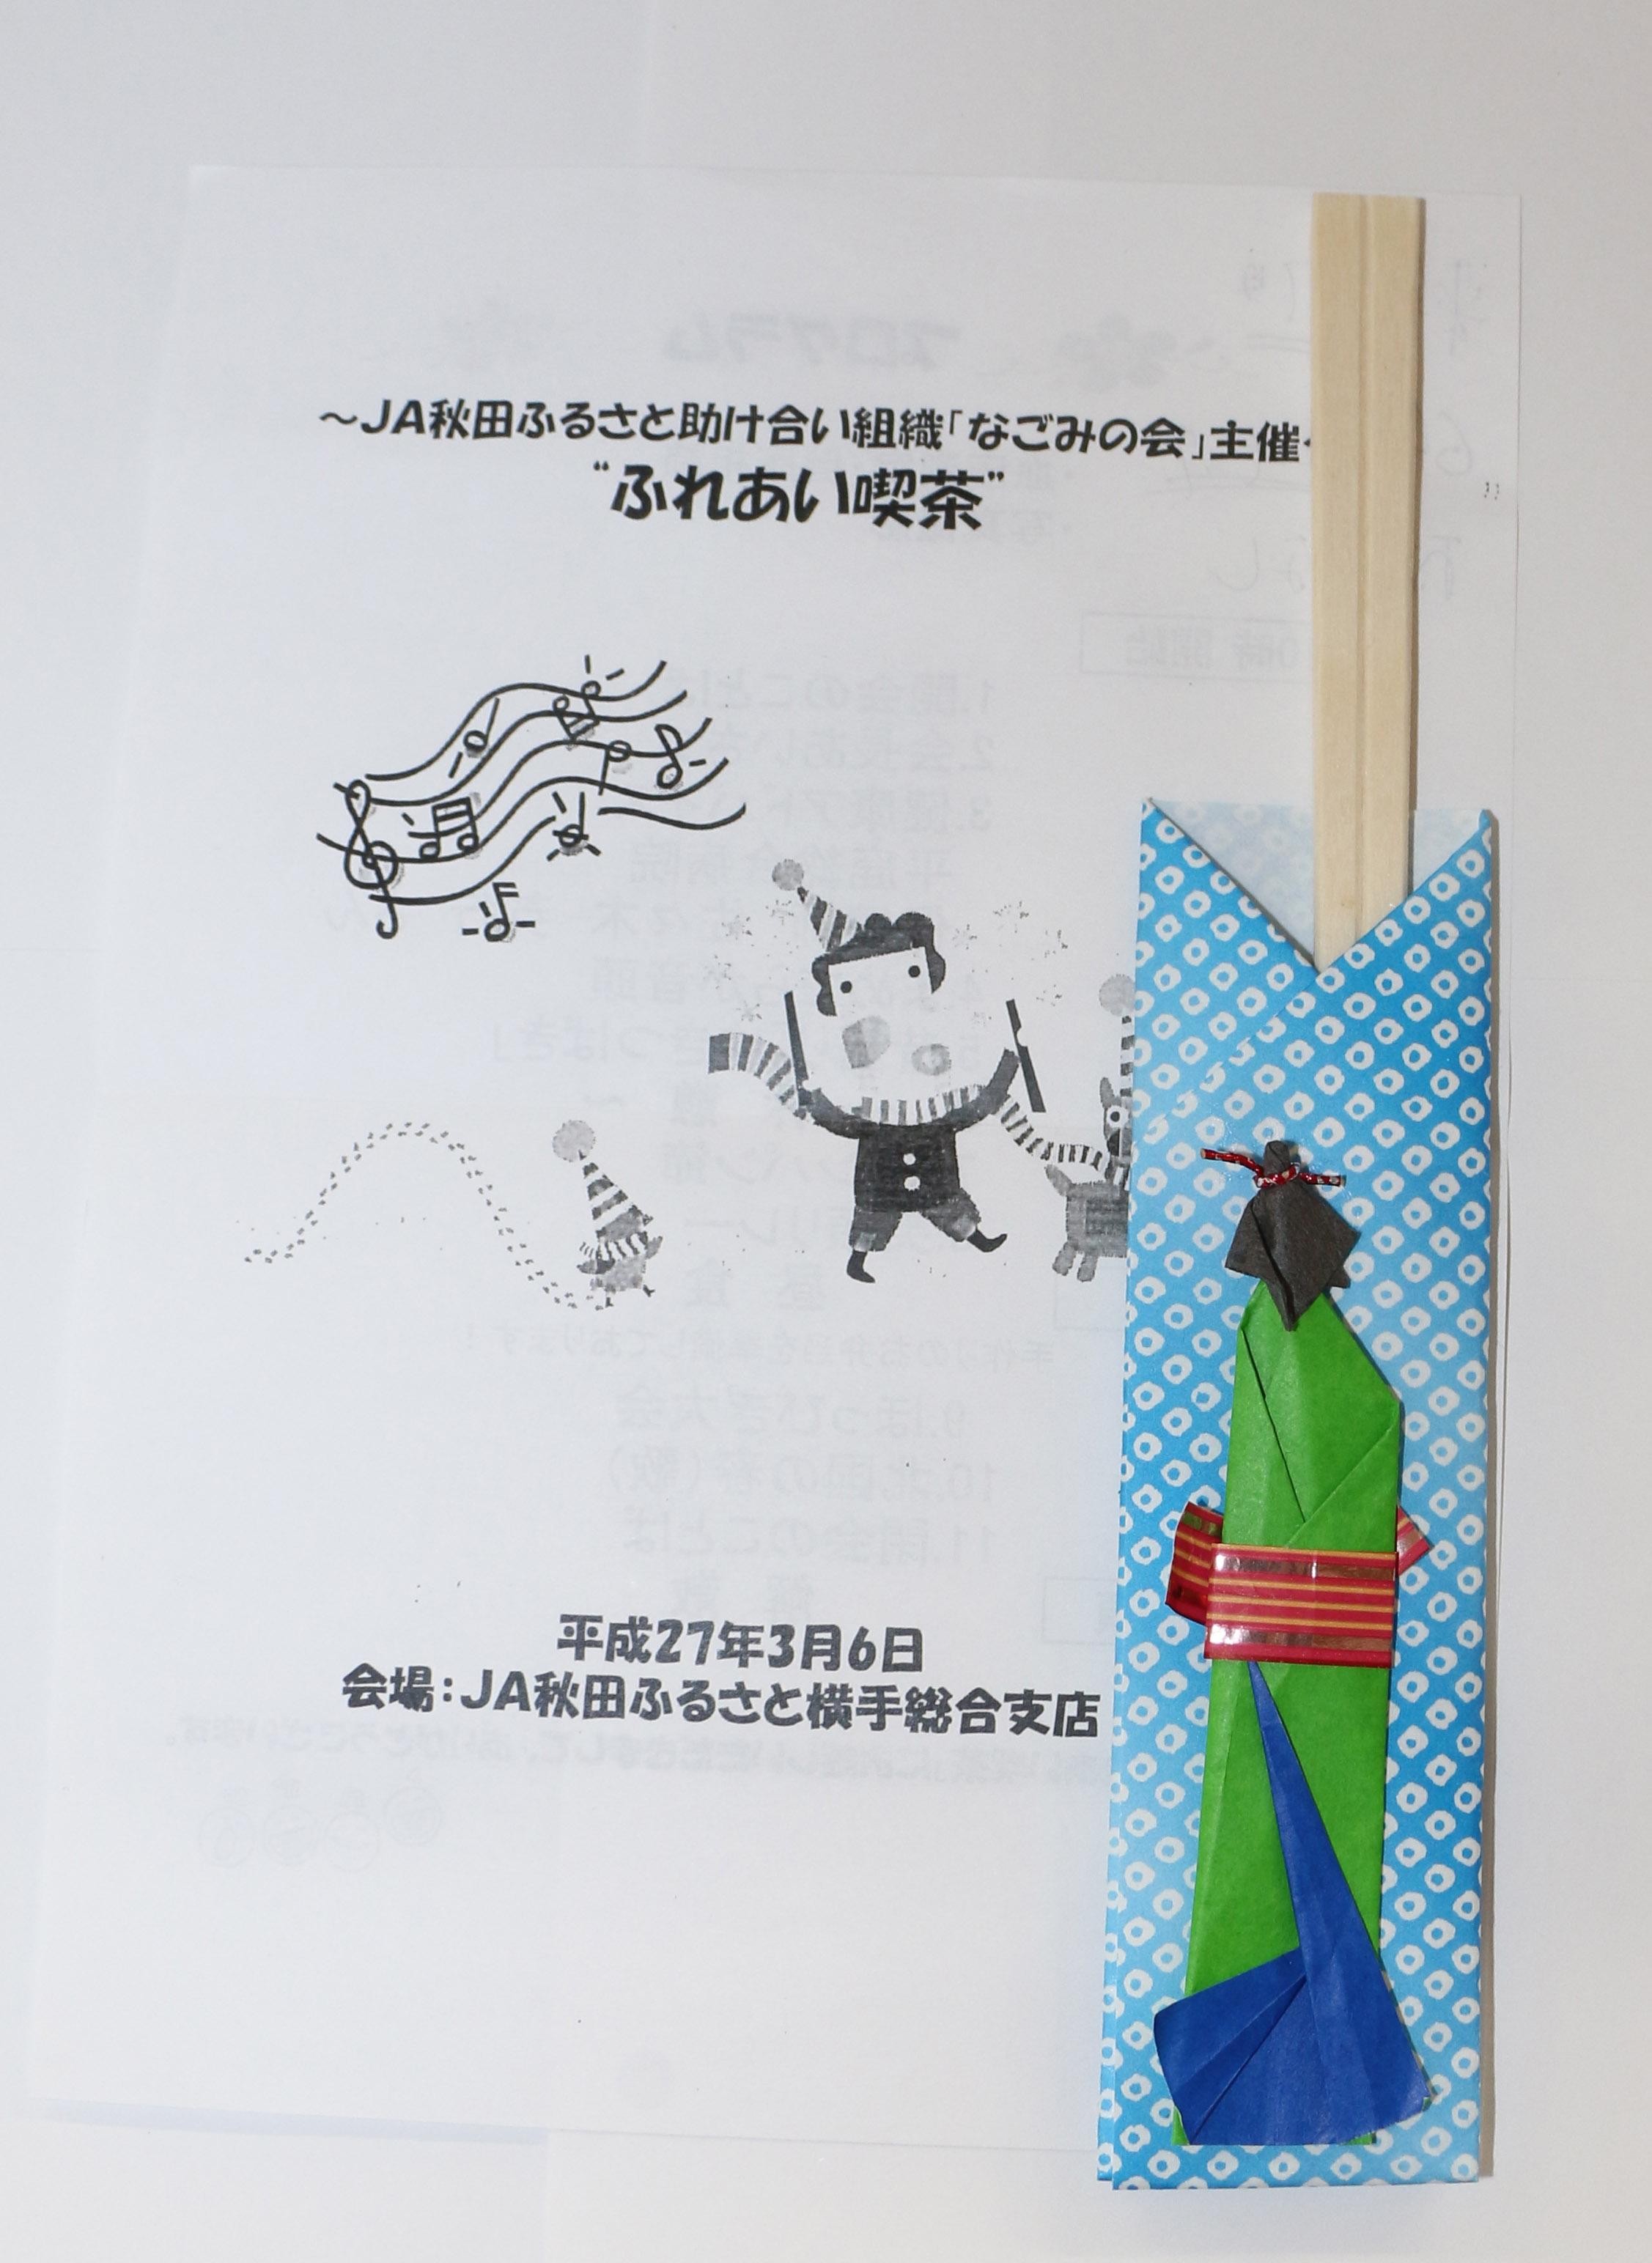 すべての折り紙 箸入れ 折り紙 : 会員の作った箸入れは折り紙で ...